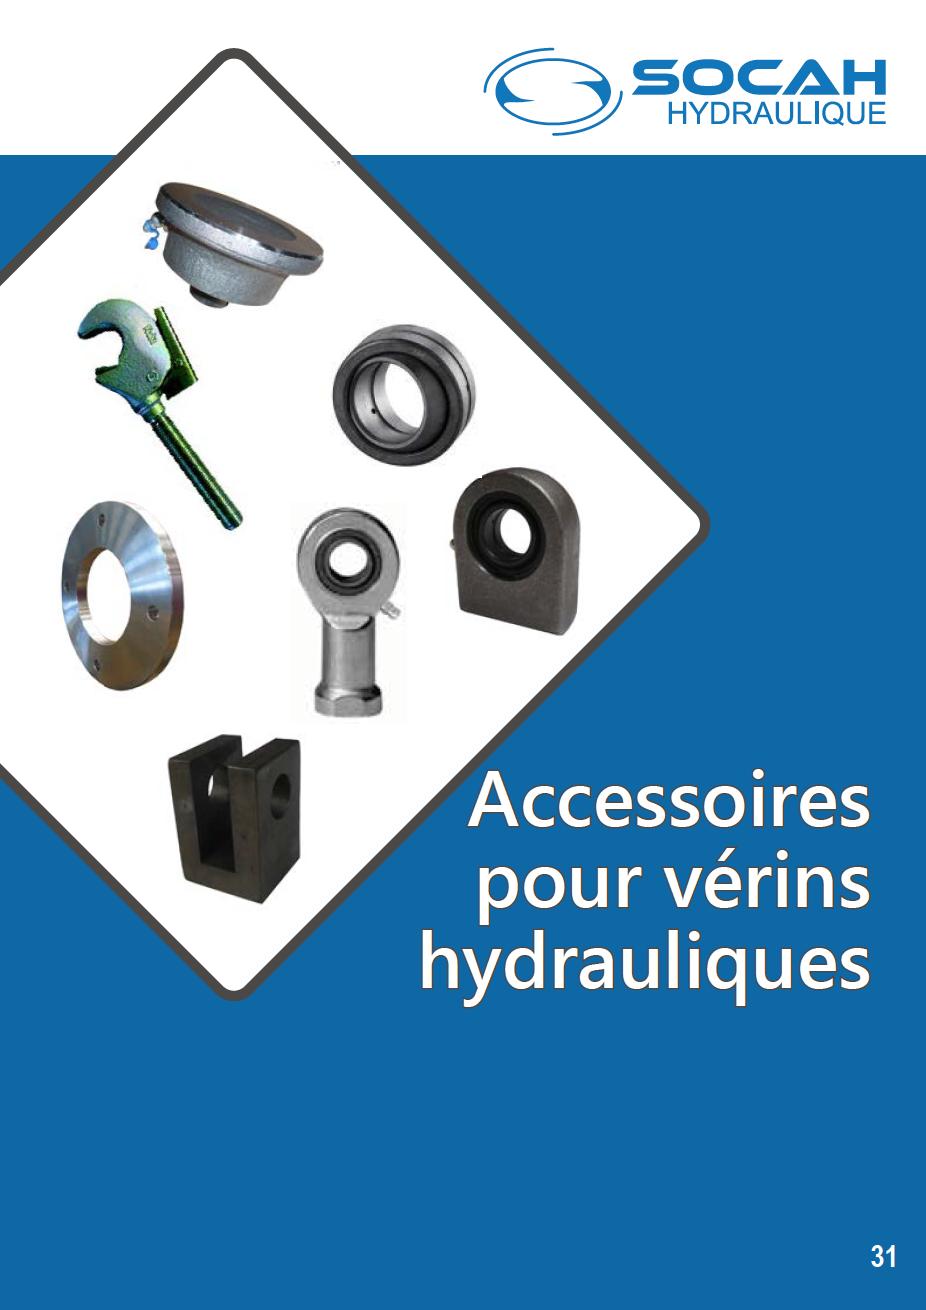 Fiche technique accessoires pour vérins hydrauliques